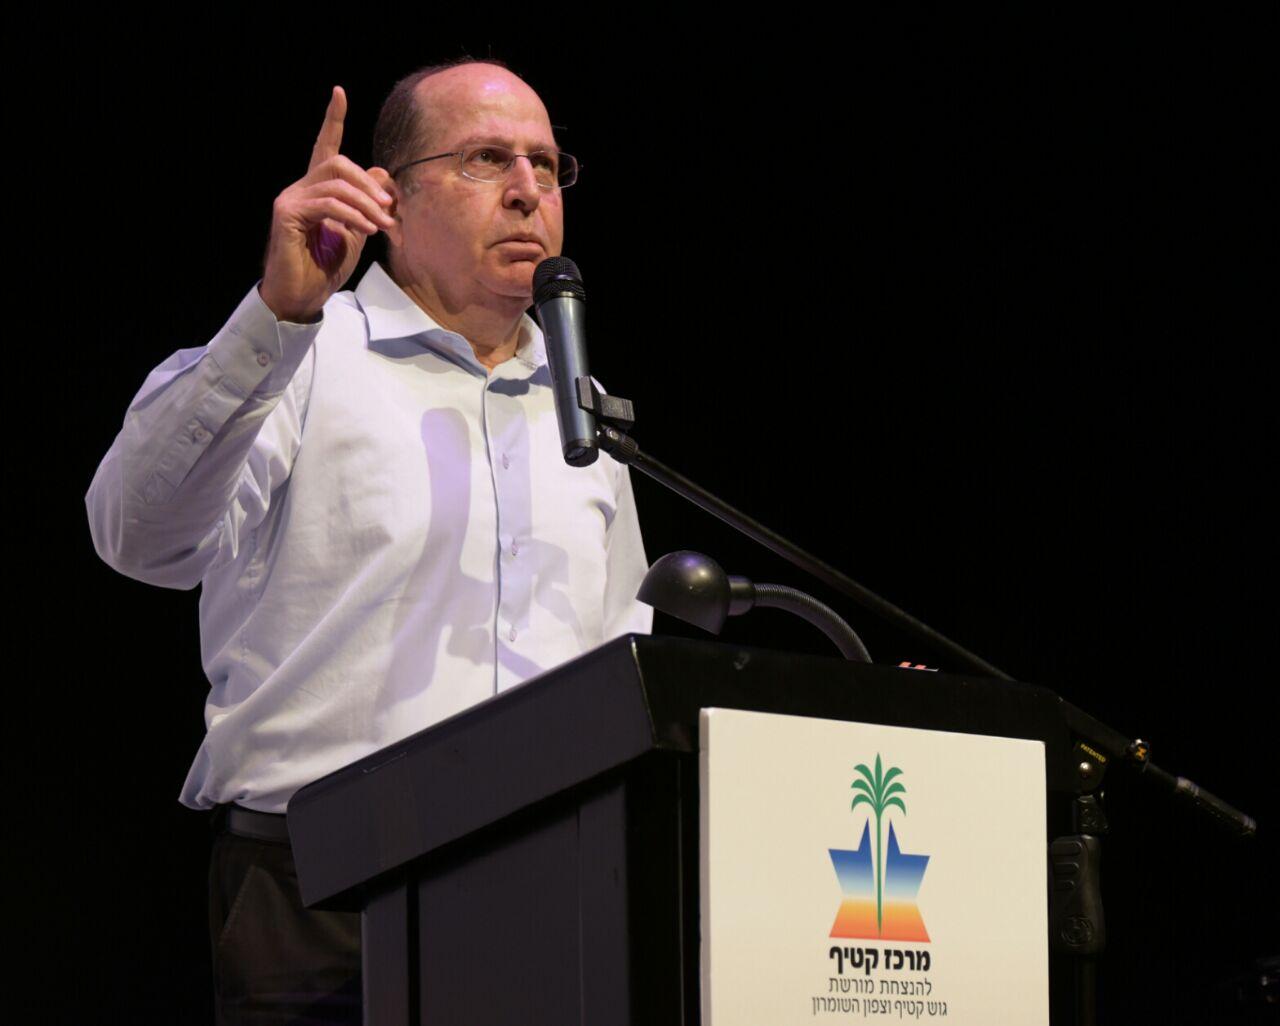 בוגי יעלון: ראש הממשלה צריך להתפטר היום